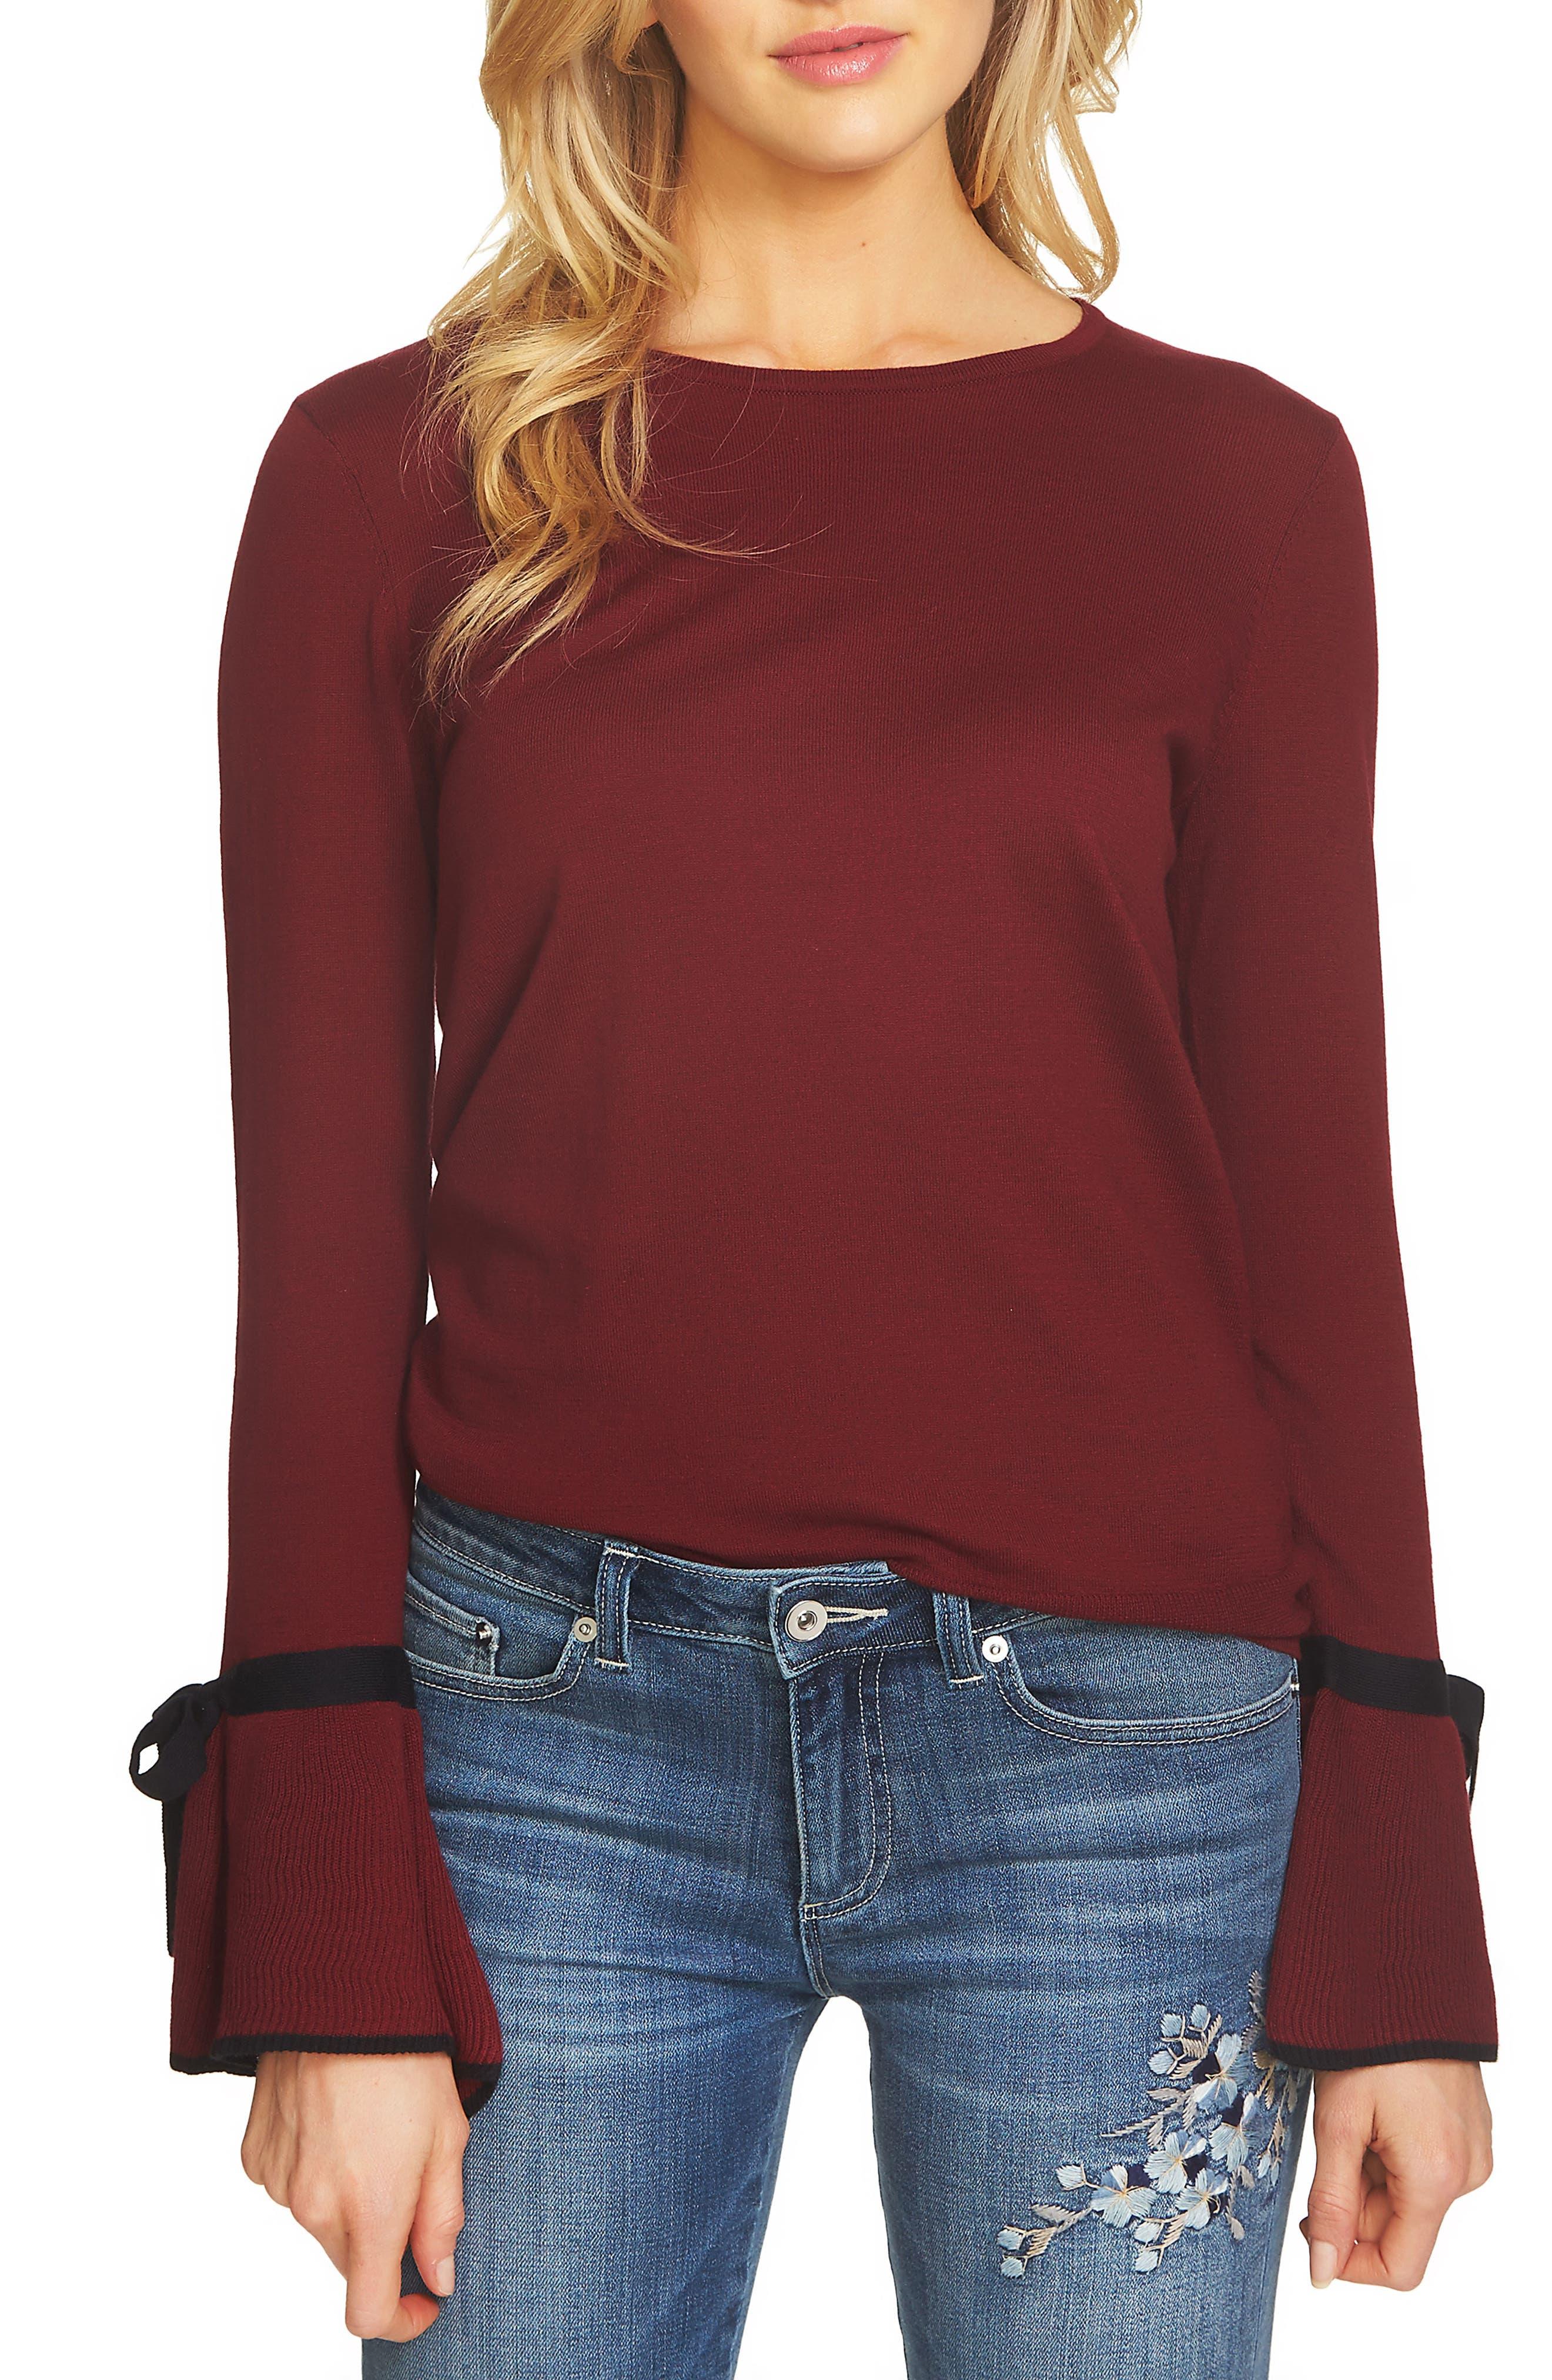 CeCe Bow Cuff Sweater